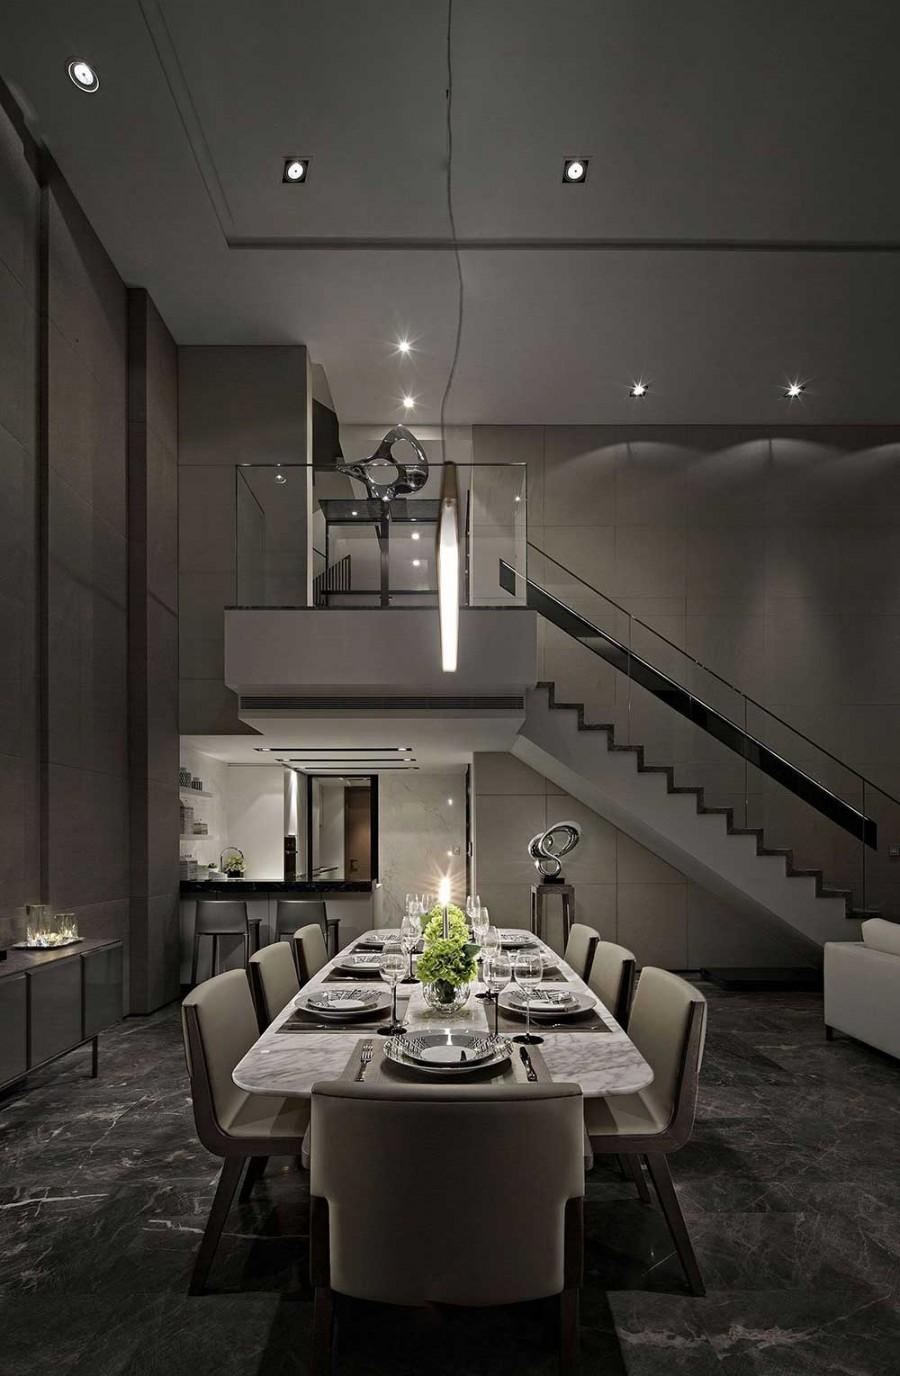 低调典雅现代简约风格200平米别墅餐厅吊顶装修效果图